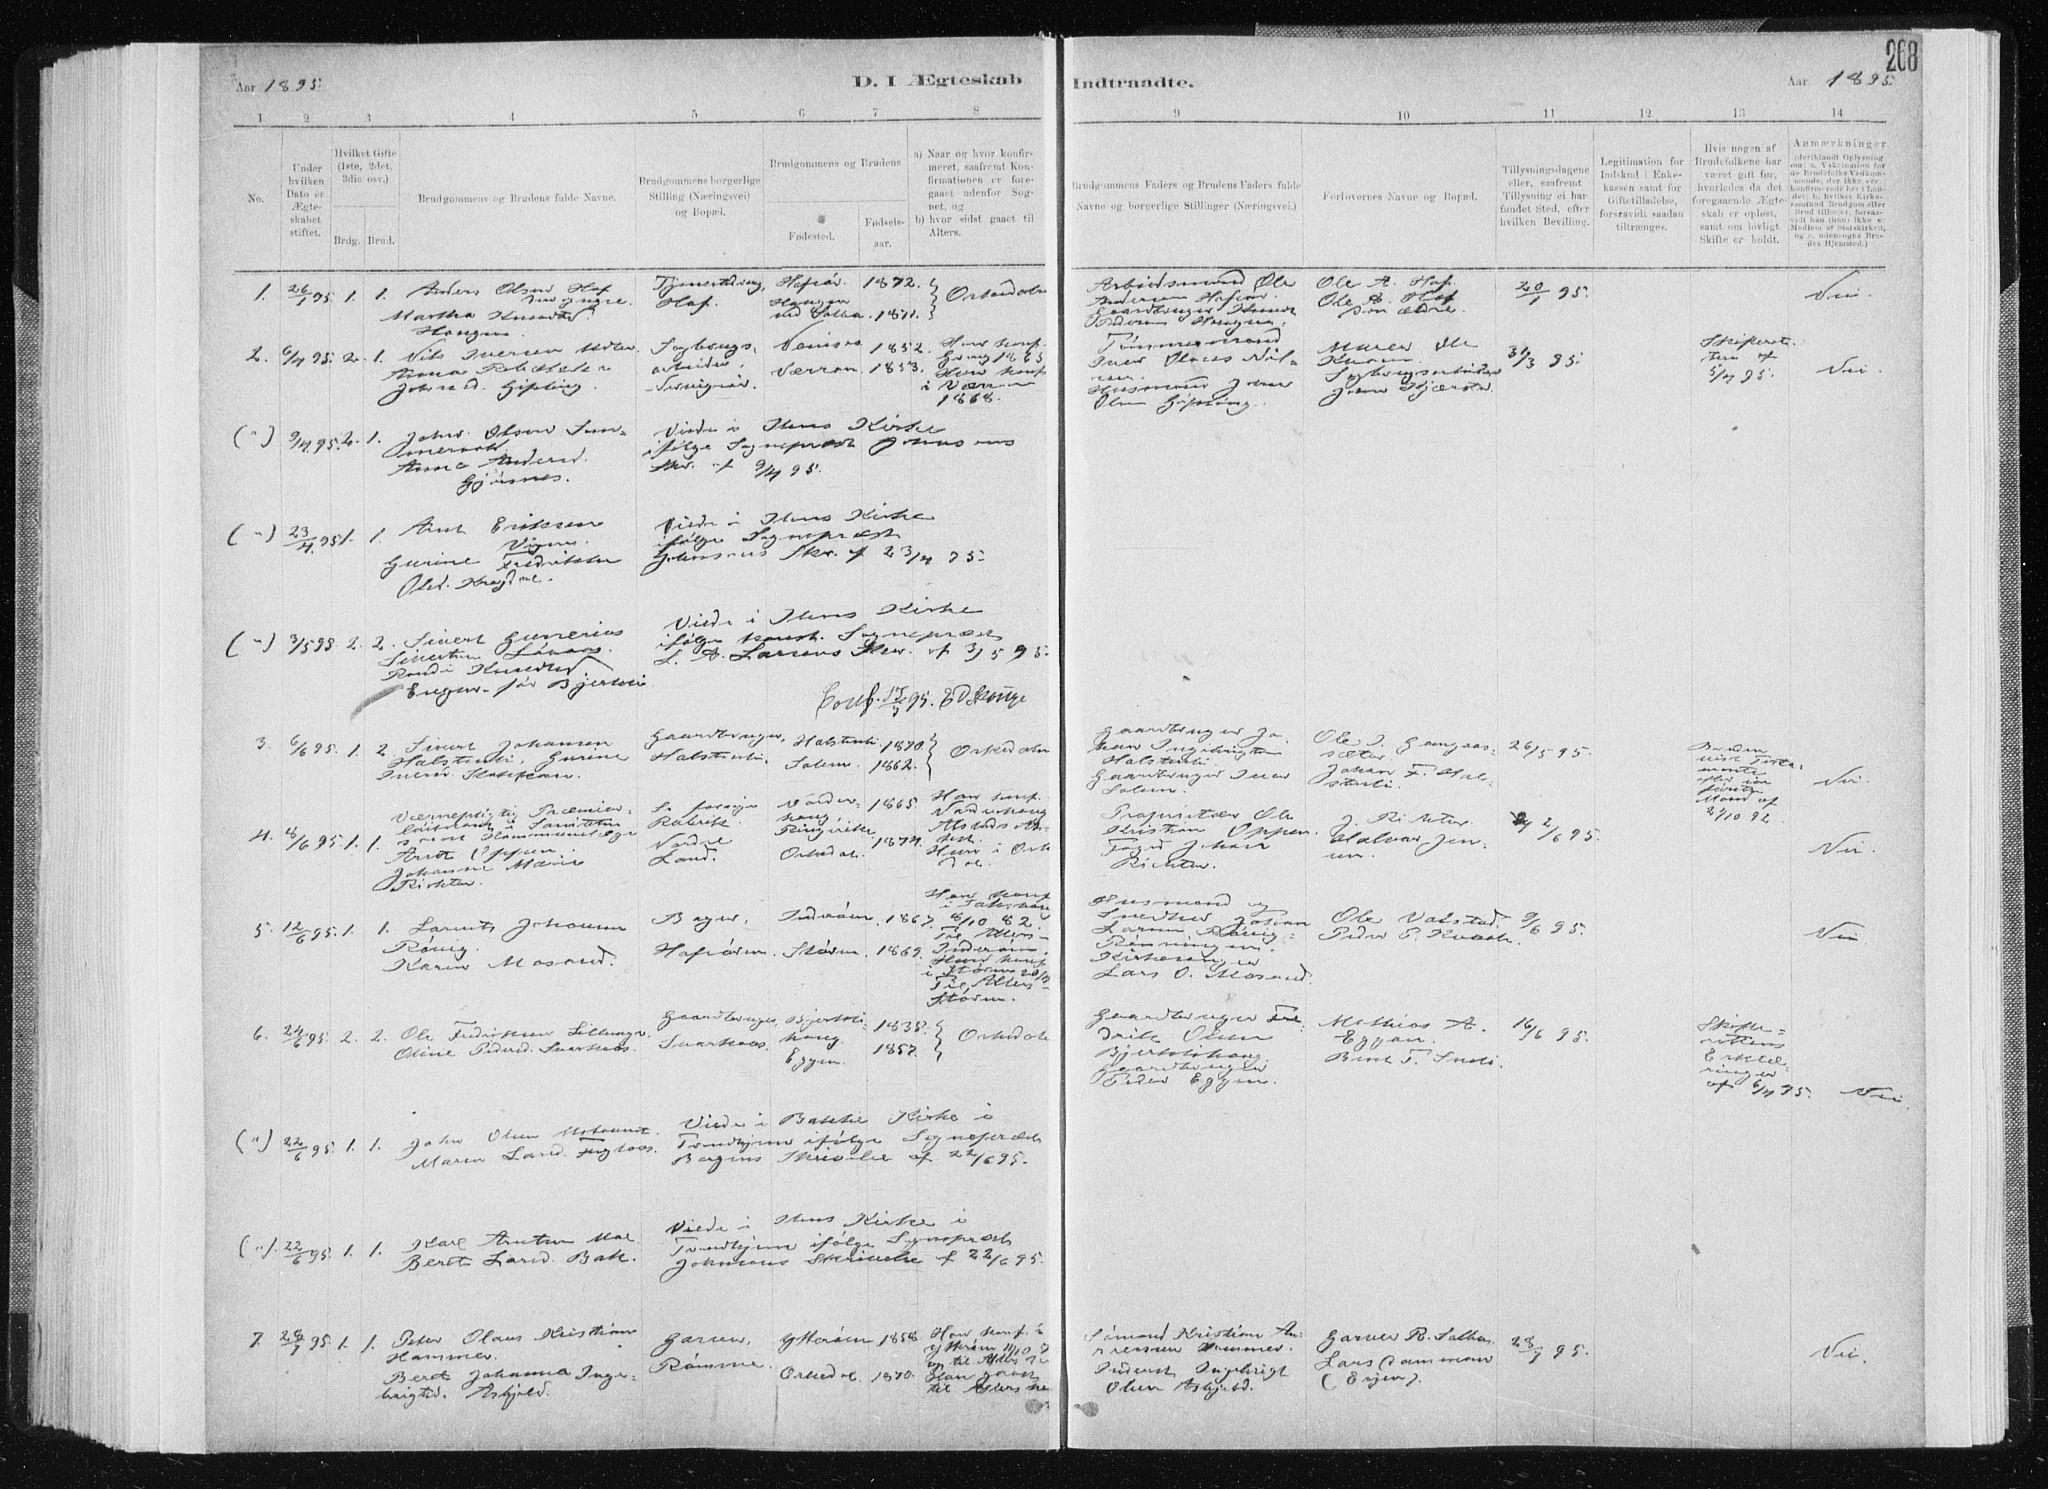 SAT, Ministerialprotokoller, klokkerbøker og fødselsregistre - Sør-Trøndelag, 668/L0818: Klokkerbok nr. 668C07, 1885-1898, s. 268